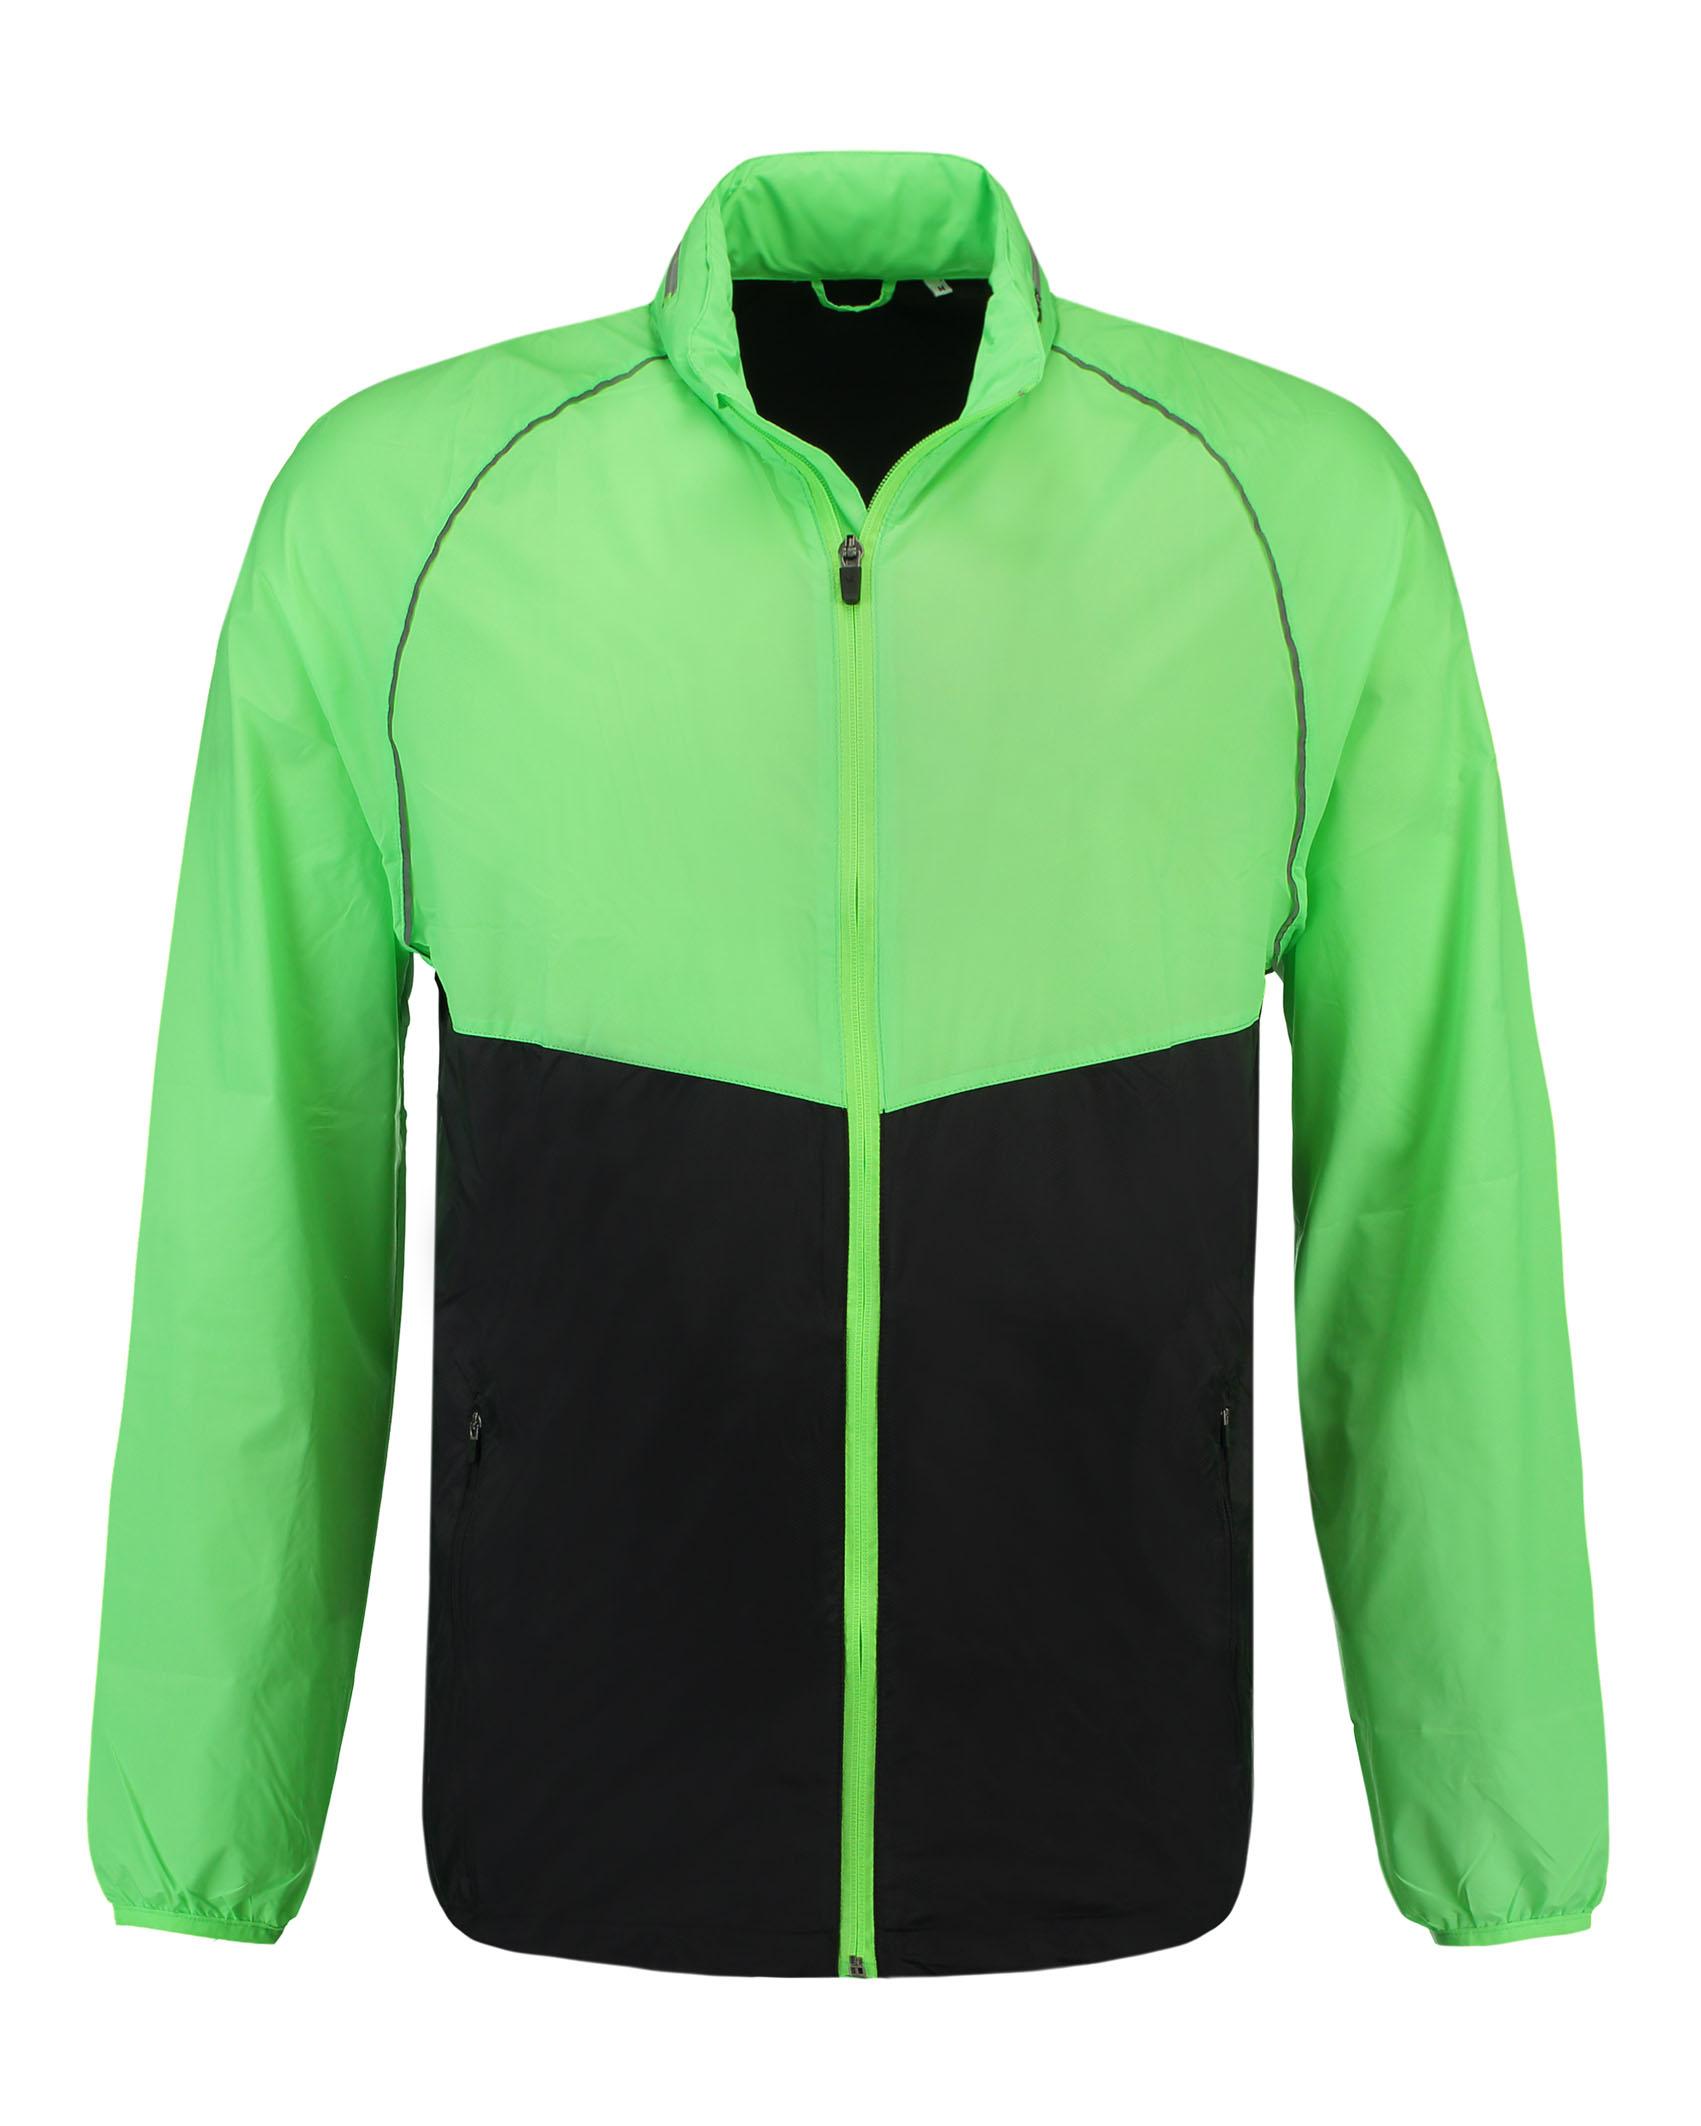 L&S Jacket Contrast Sport Unisex